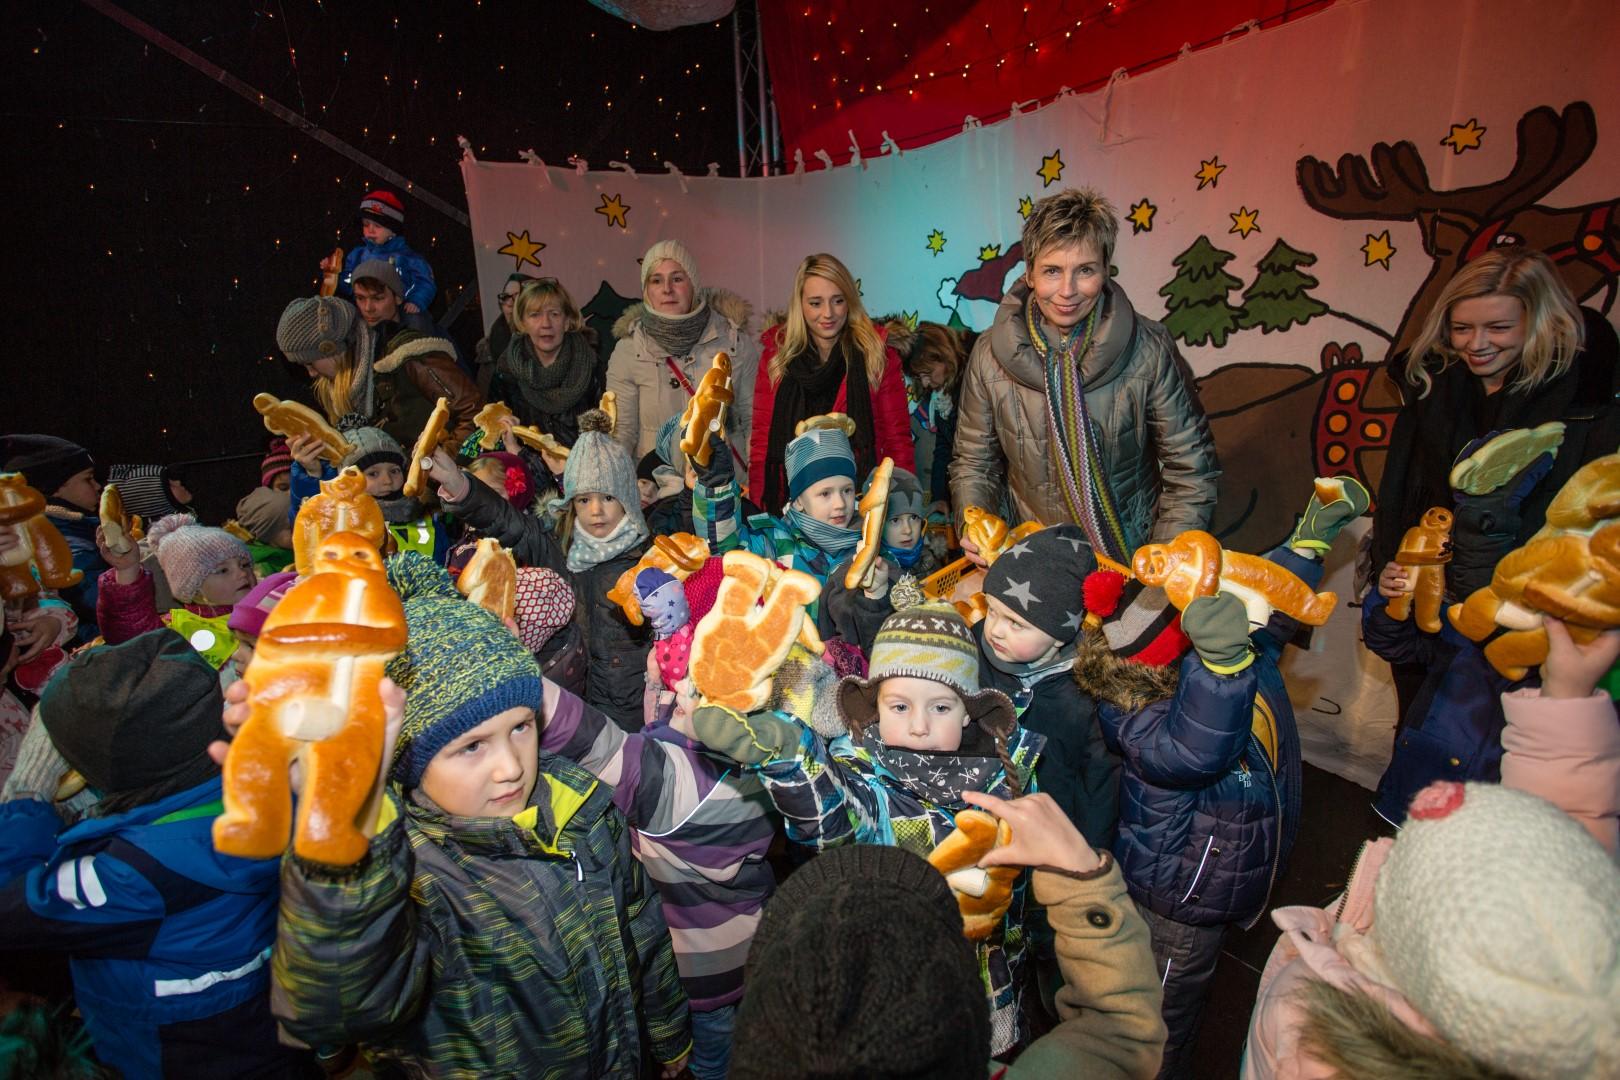 Bürgermeisterin Ulrike Drossel und die Kinder des HEV-Kindergartens eröffneten pünktlich den 29. Holzwickeder Weihnachtrsmarkt am Freitagabend. Anschließend verteilte die Bürgermeisterin die traditionellen Stutenkerle an die Kinder der Gemeinde. (Foto: Peter Gräber)